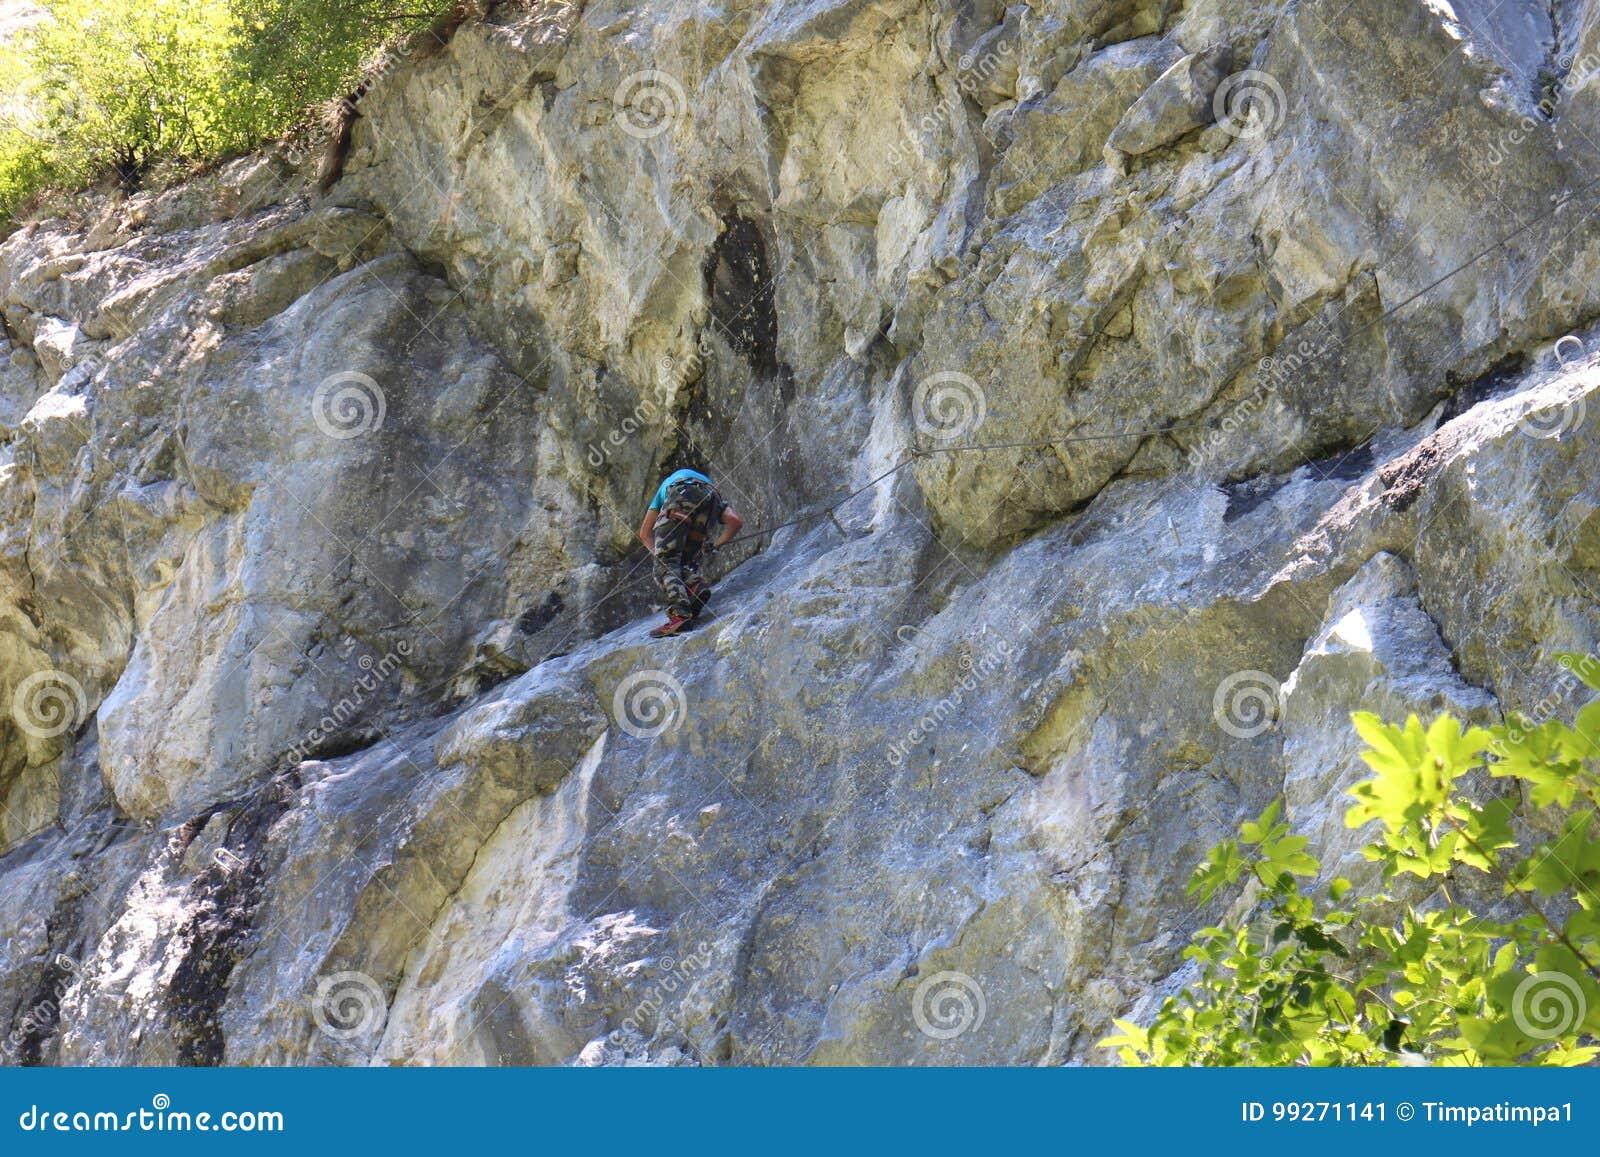 Klettersteig Austria : Seilarbeit austria klettersteiganlagen